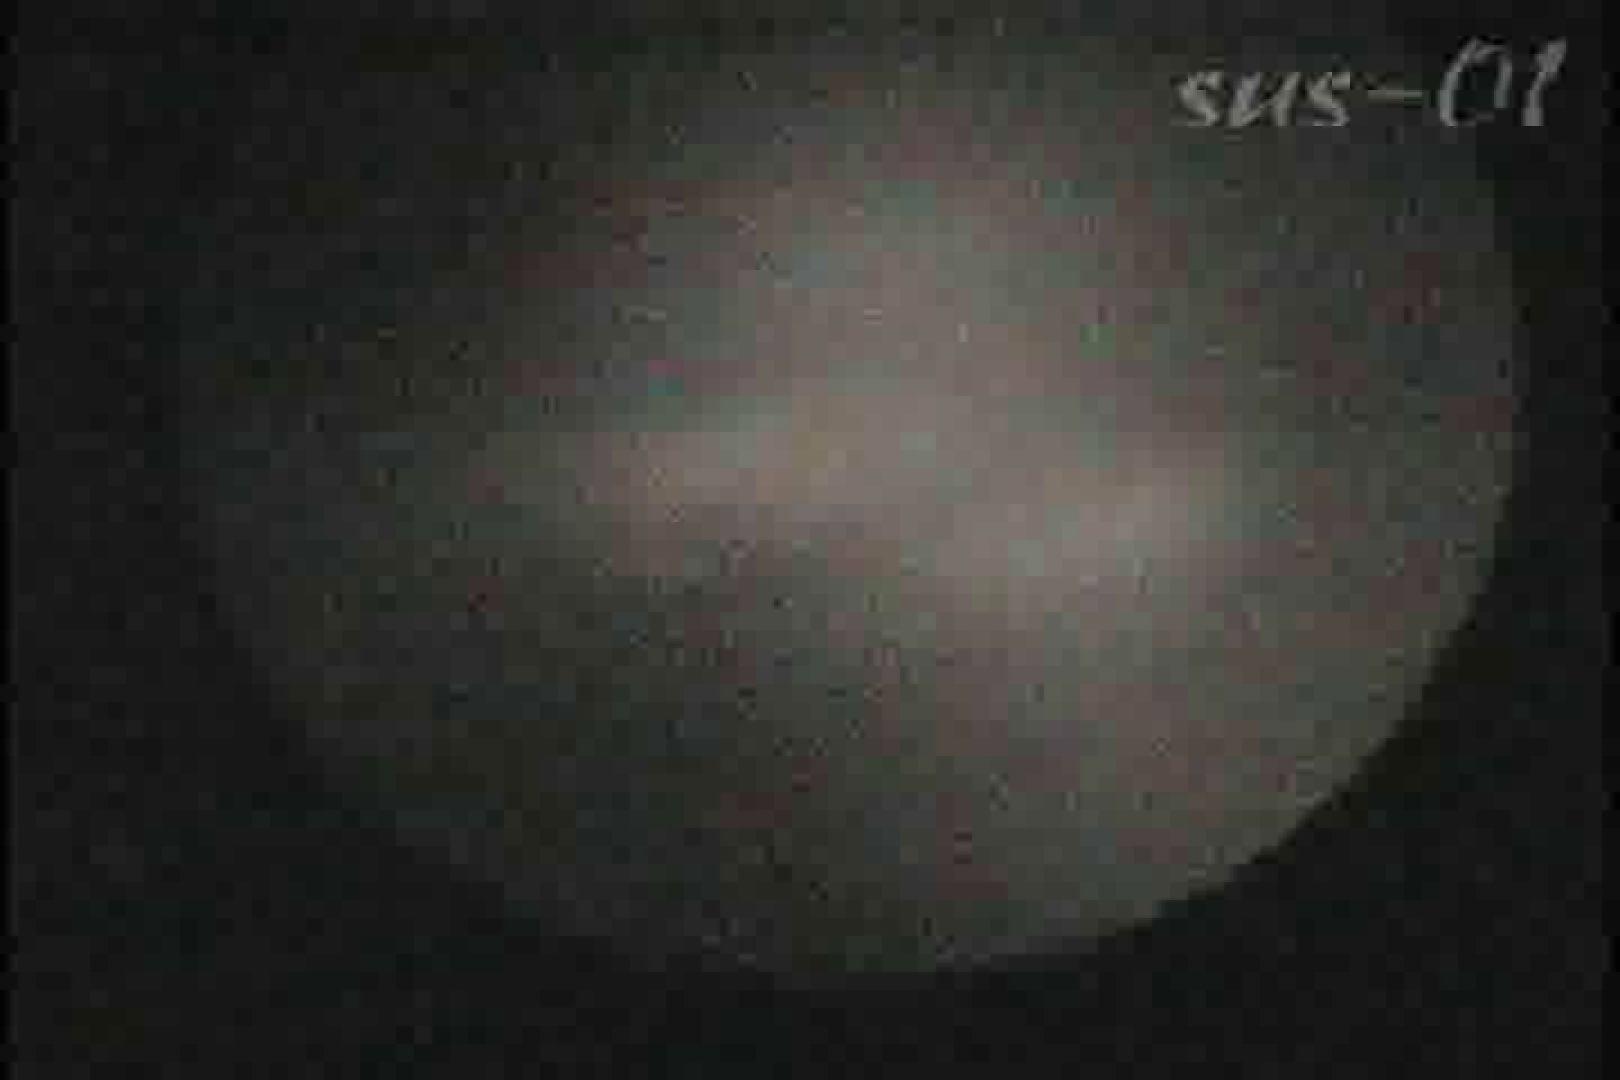 サターンさんのウル技炸裂!!夏乙女★海の家シャワー室絵巻 Vol.01 シャワー  92PIX 73